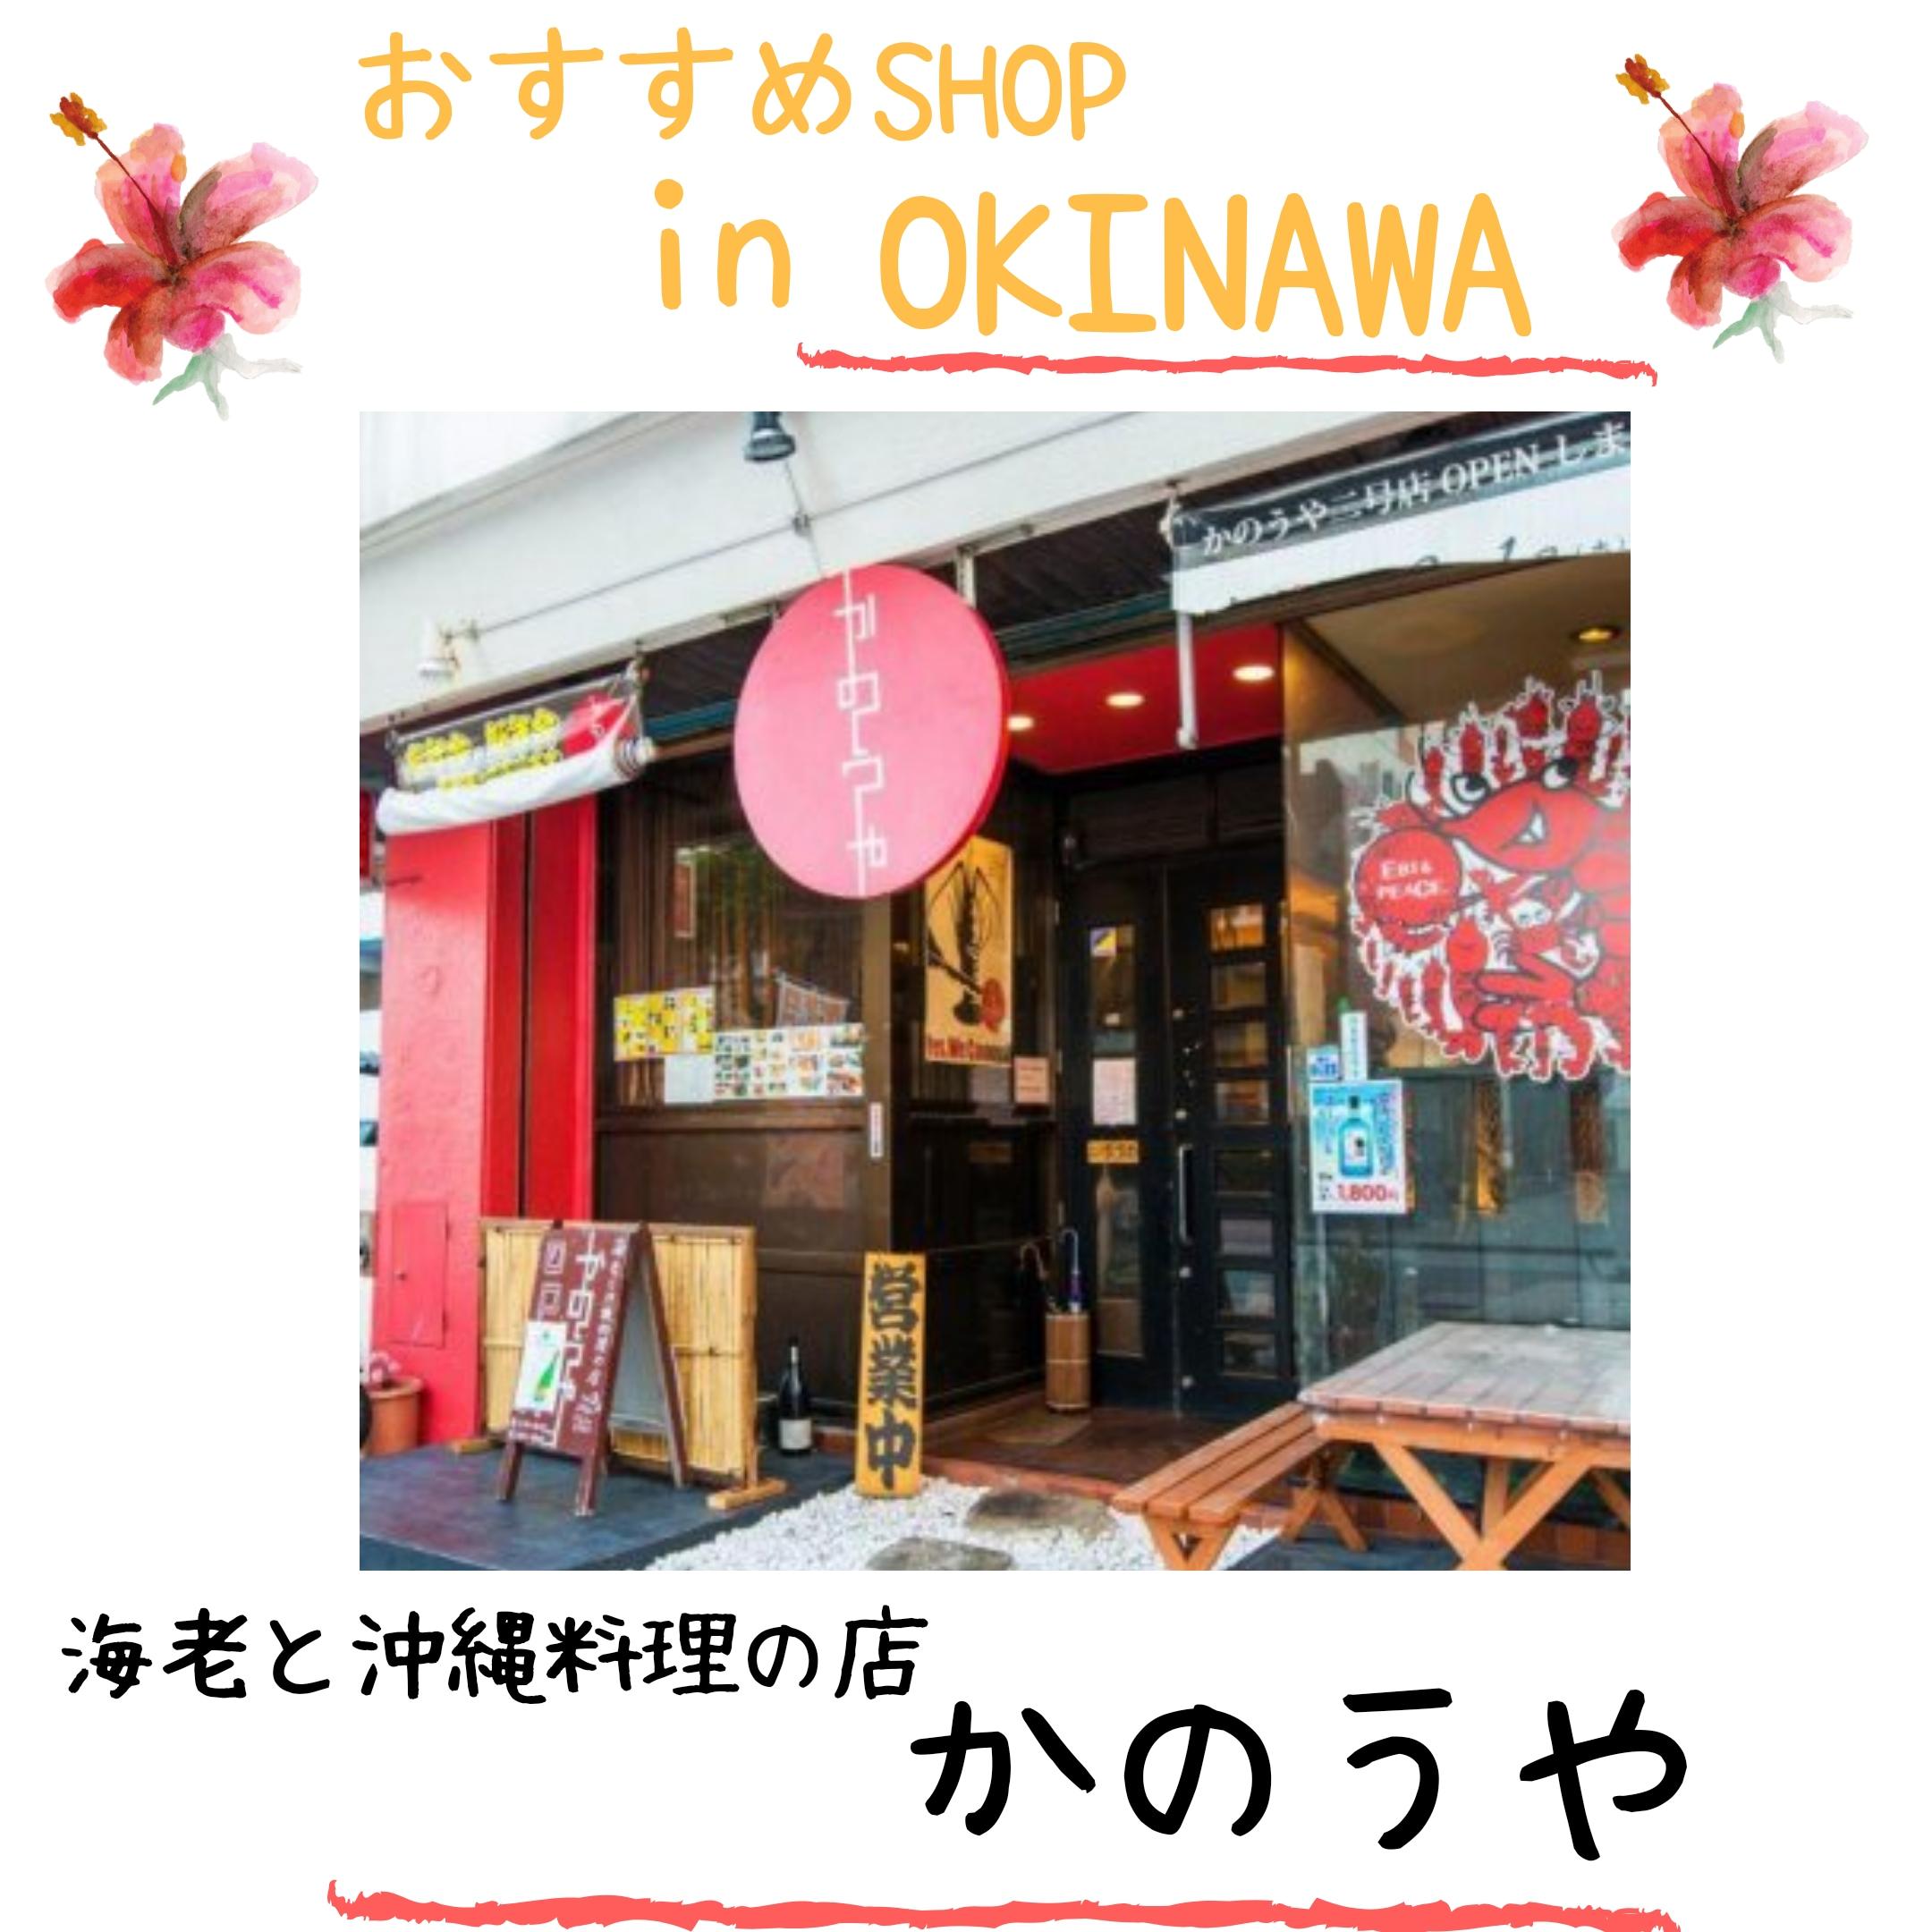 海老料理と沖縄料理が大人気の居酒屋『かのうや』|沖縄・那覇市旭橋・居酒屋|絶品の海老料理がオススメ!海老料理はお任せください!豊富な種類の海老料理と沖縄料理を取り揃えております!